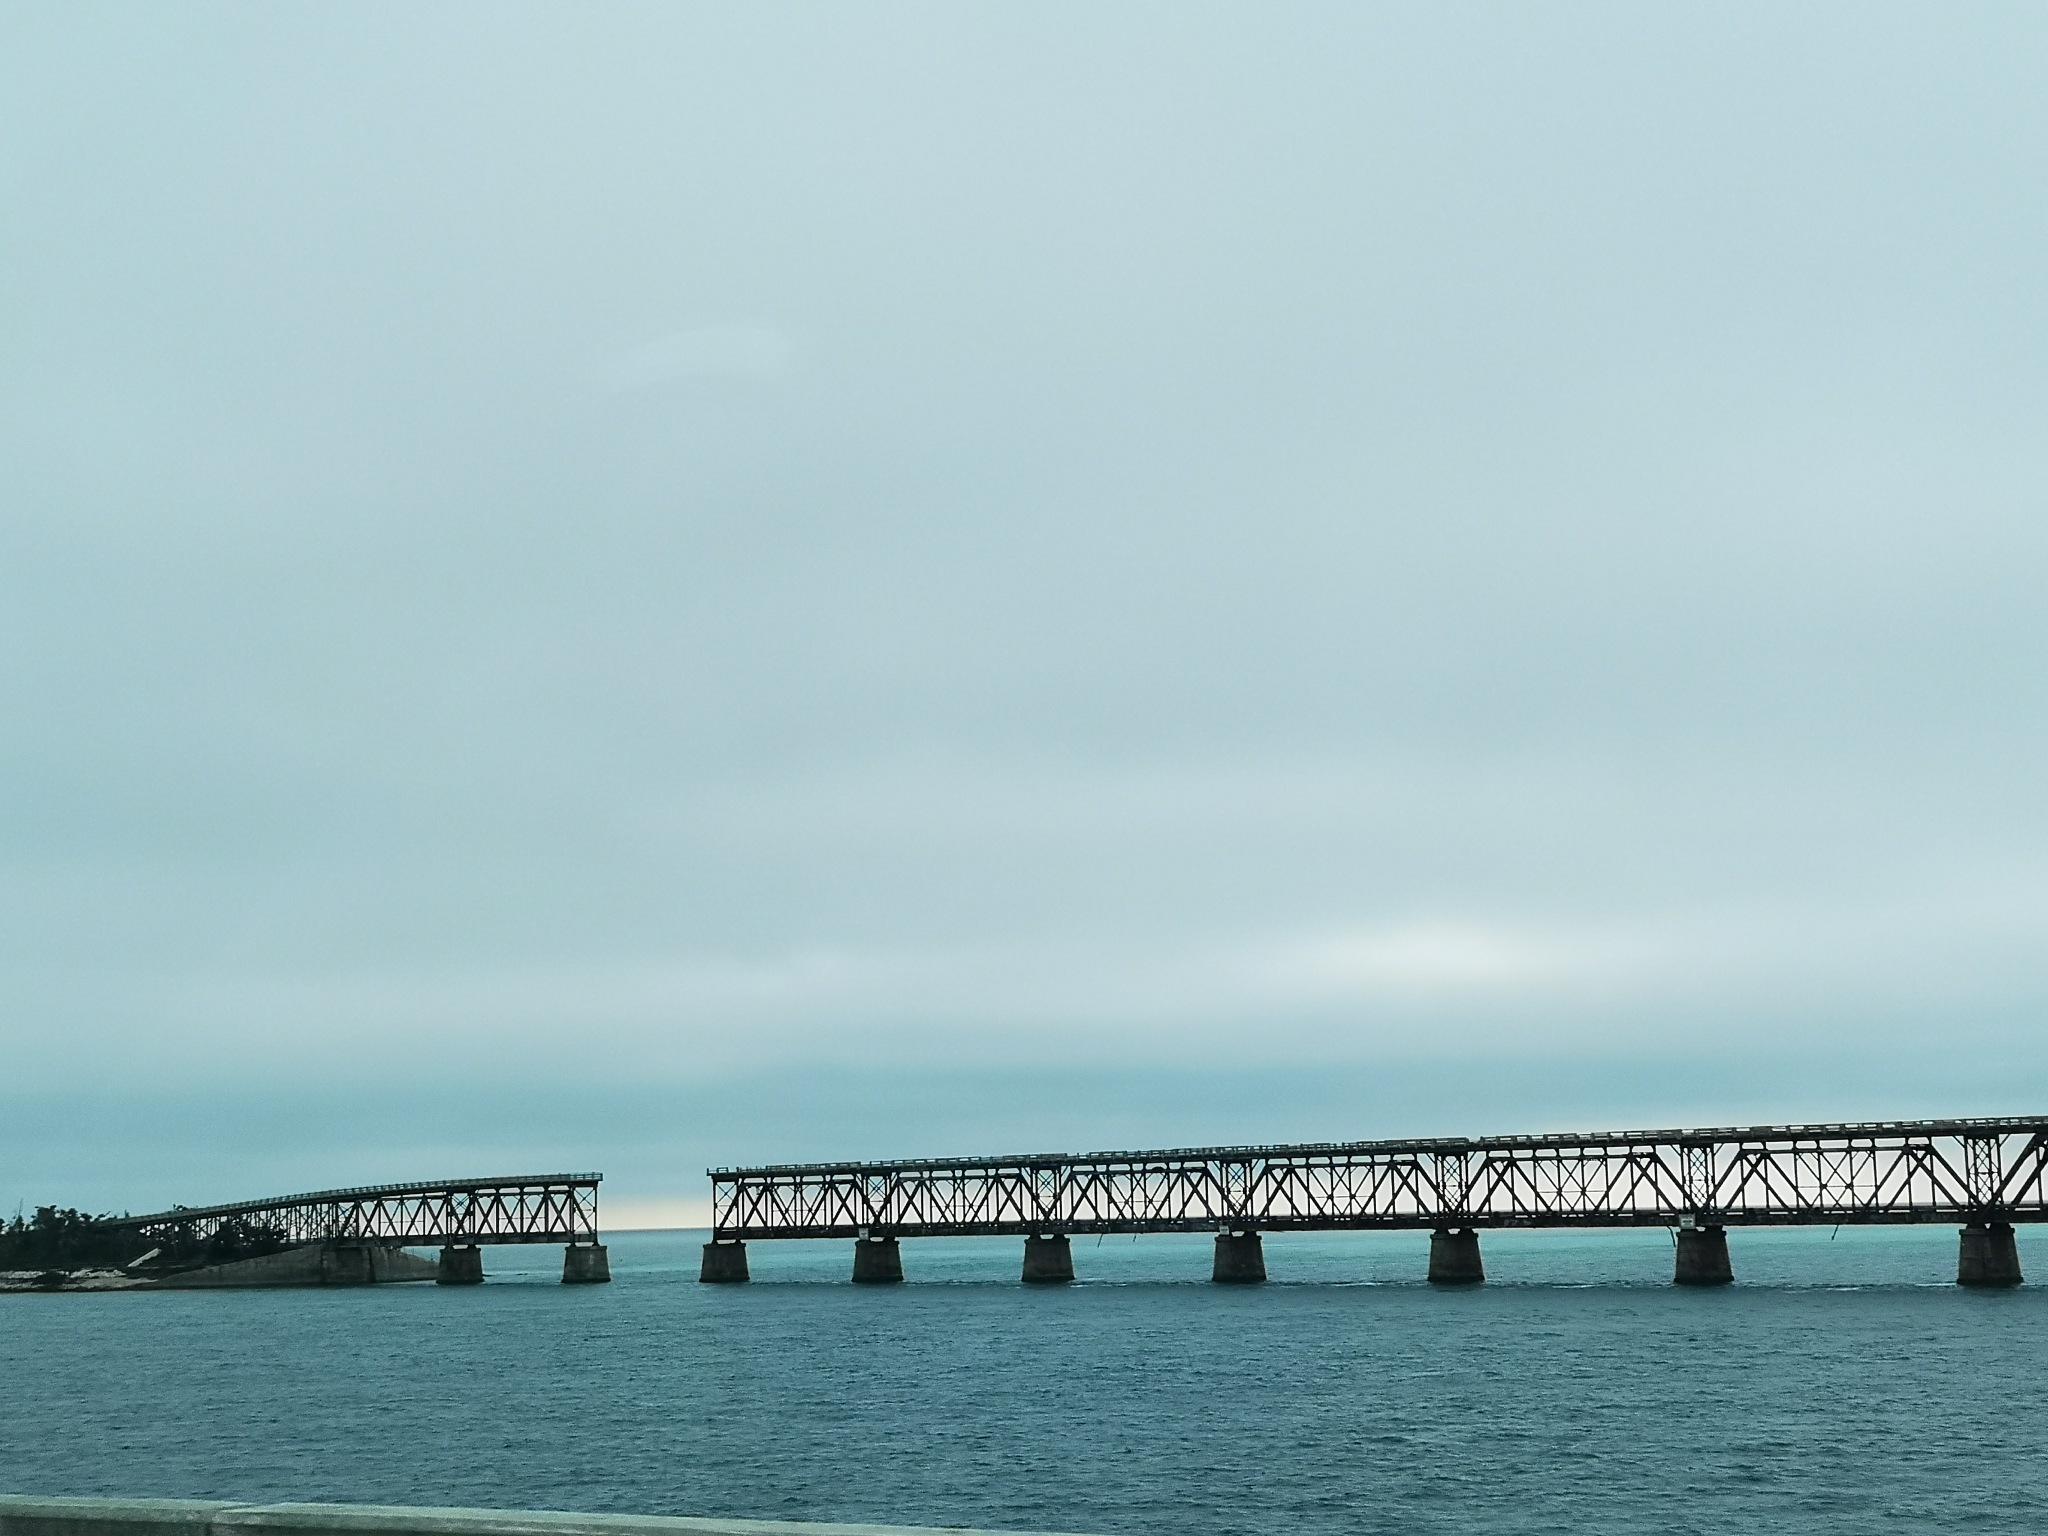 Broken Bridge by AnnelieConca